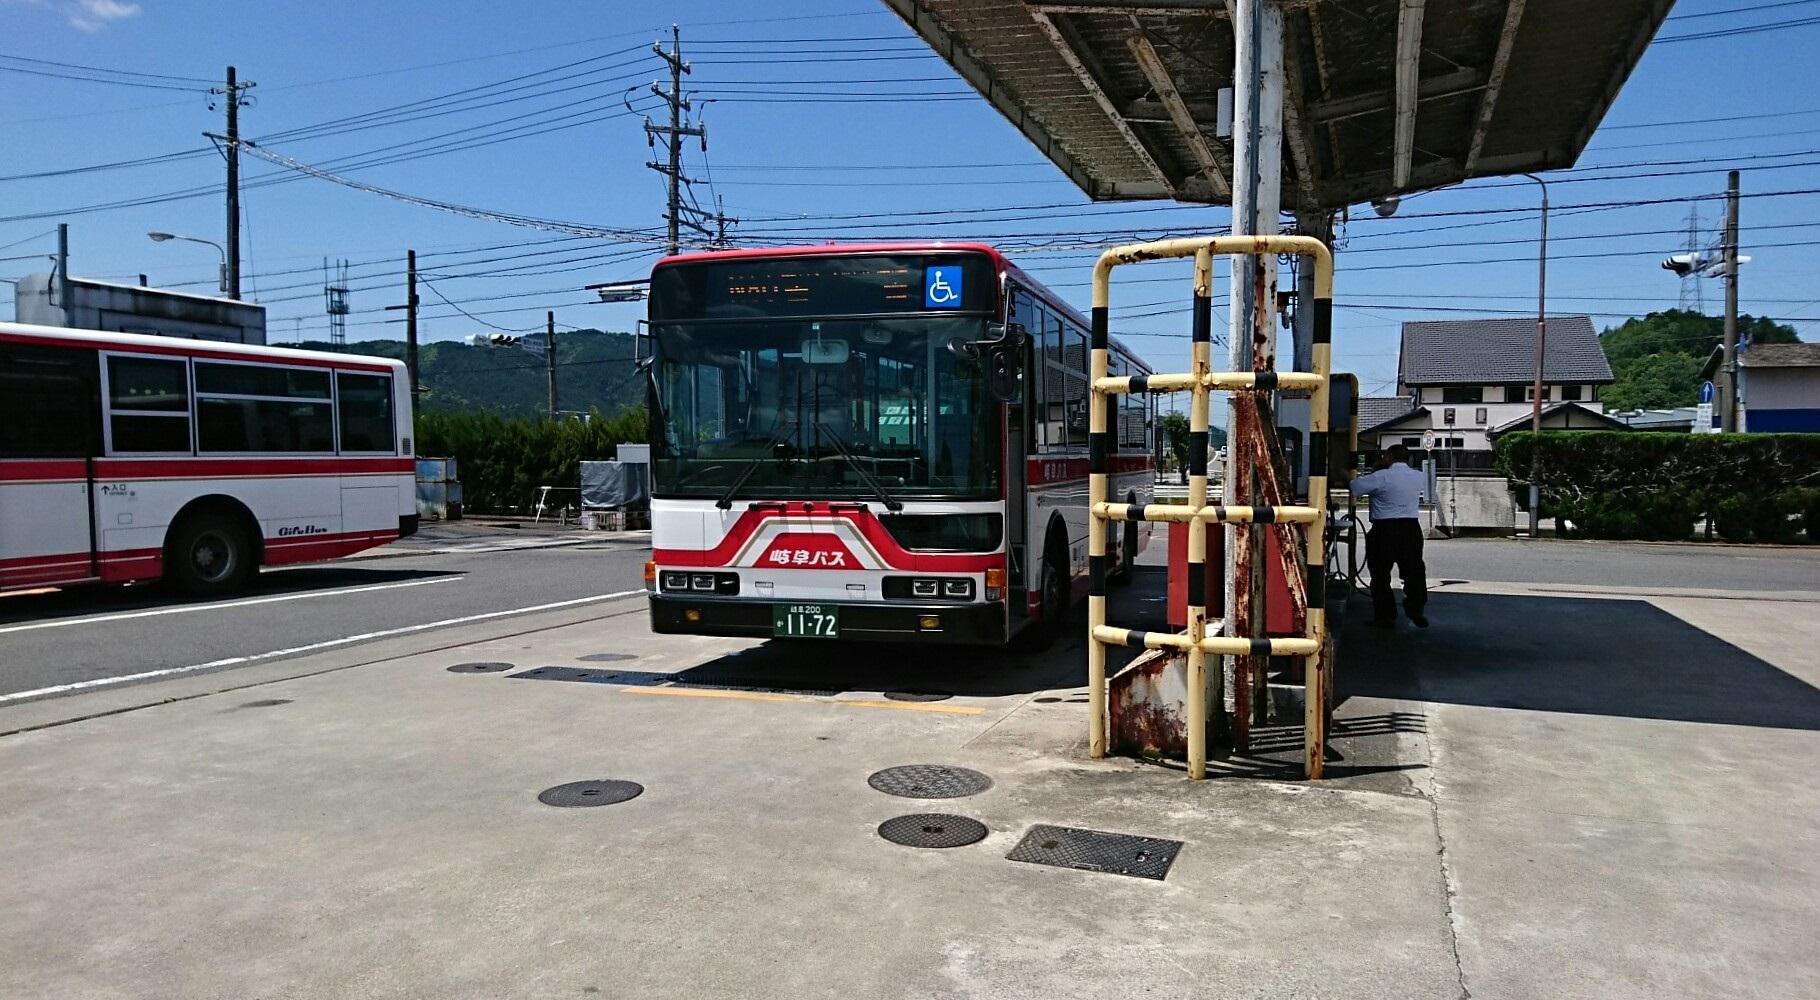 2018.6.1 岐阜 (62) 高富バス停 - 高富いきバス 1820-1000